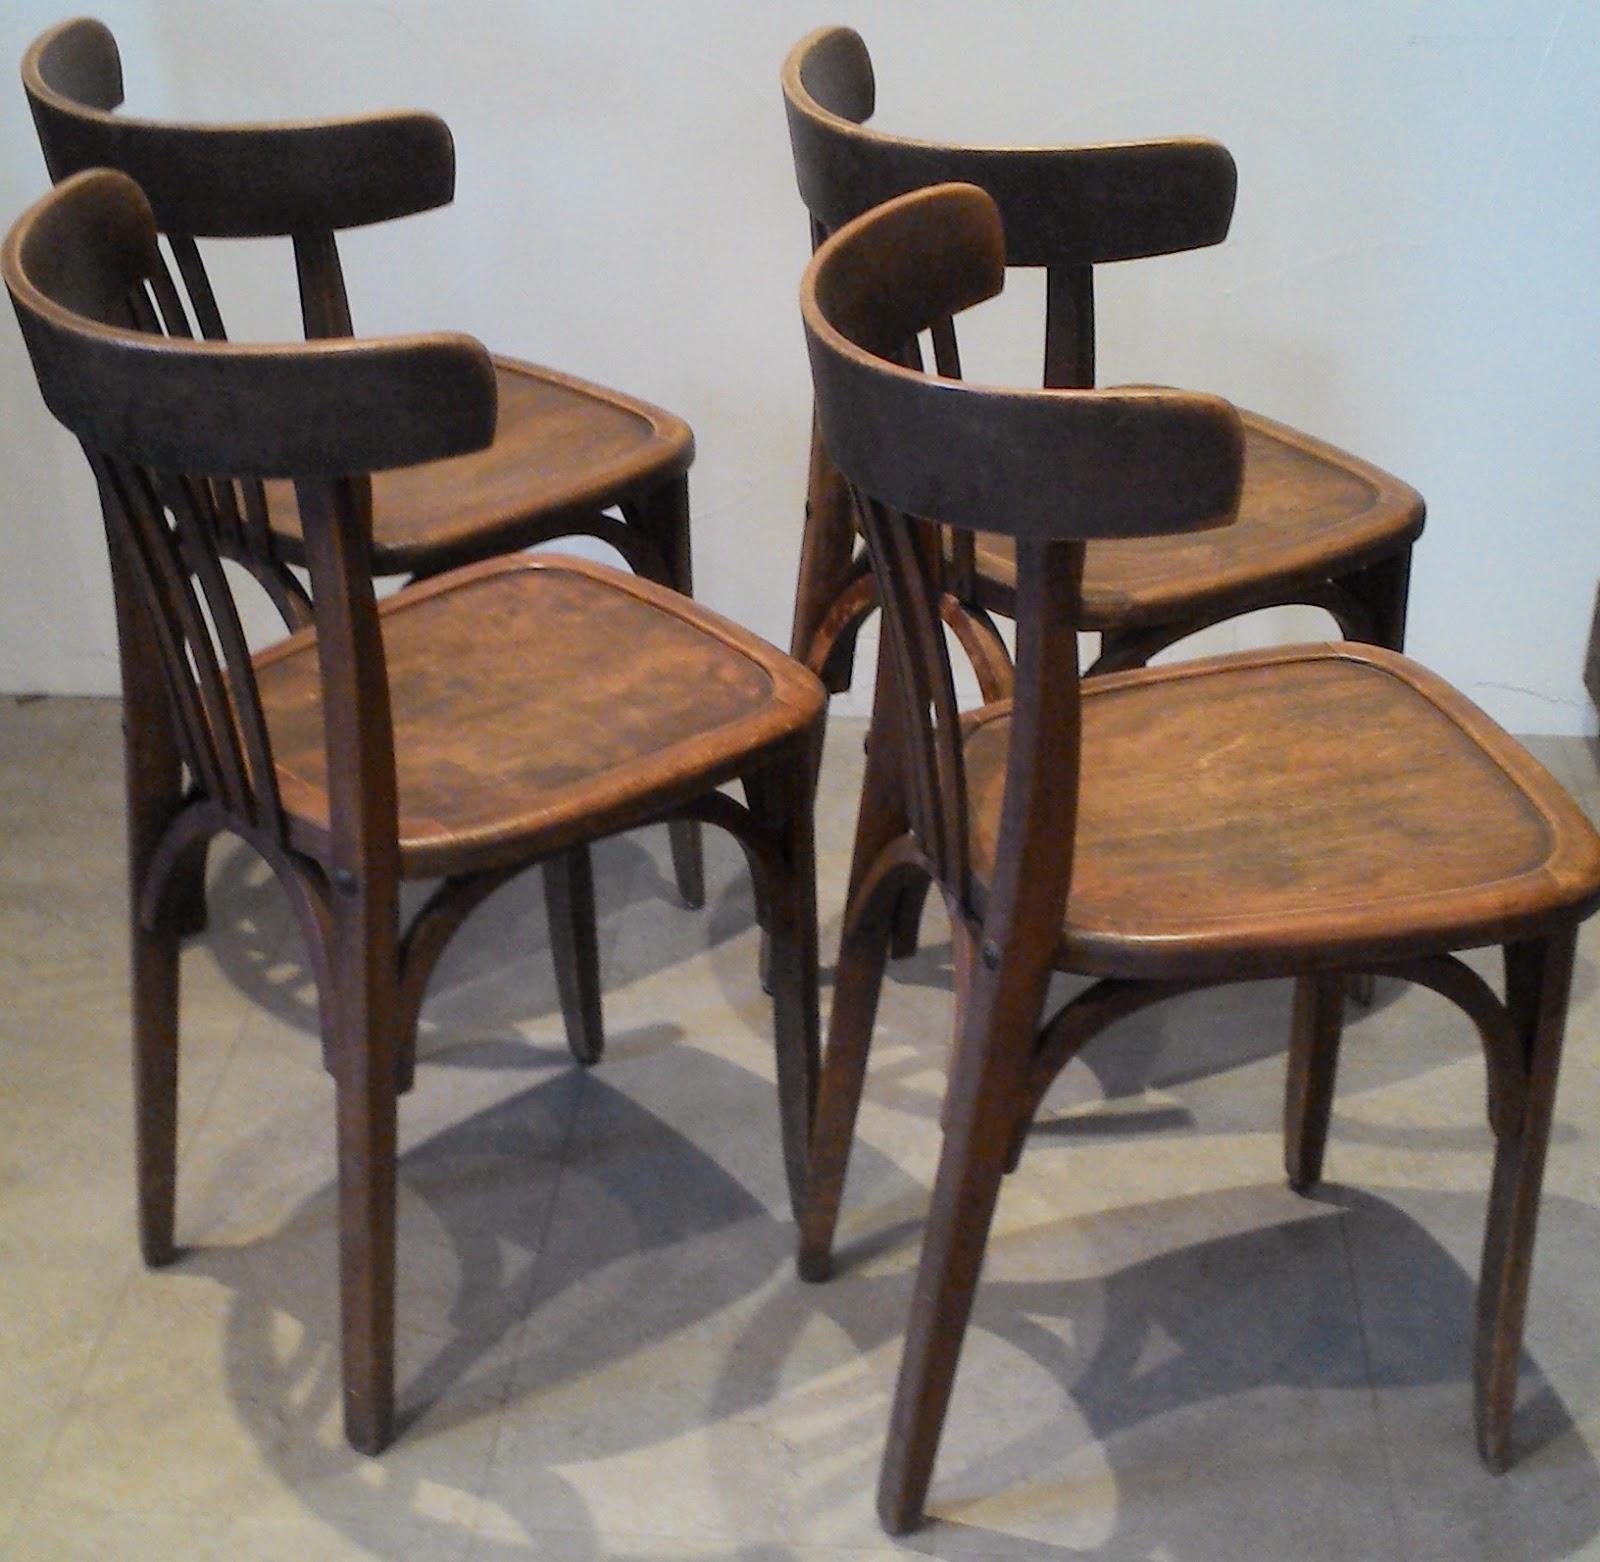 4 anciennes chaises bistrot bar style thonnet ou baumann loft atelier. Black Bedroom Furniture Sets. Home Design Ideas